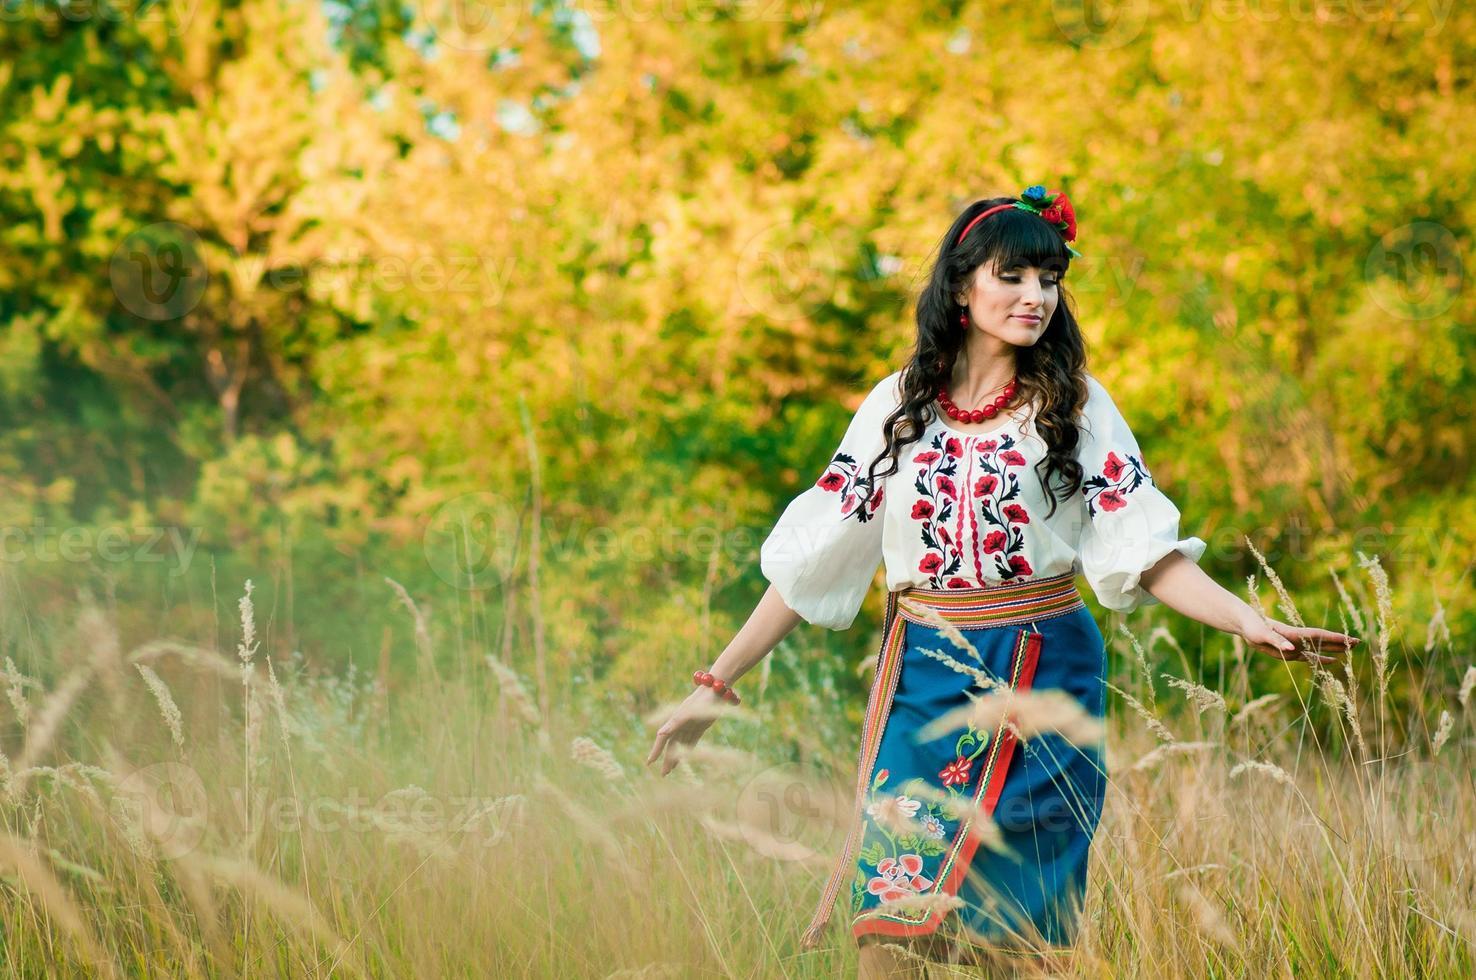 ukrainische Frau in der nationalen Kleidung auf dem Weizenfeld foto